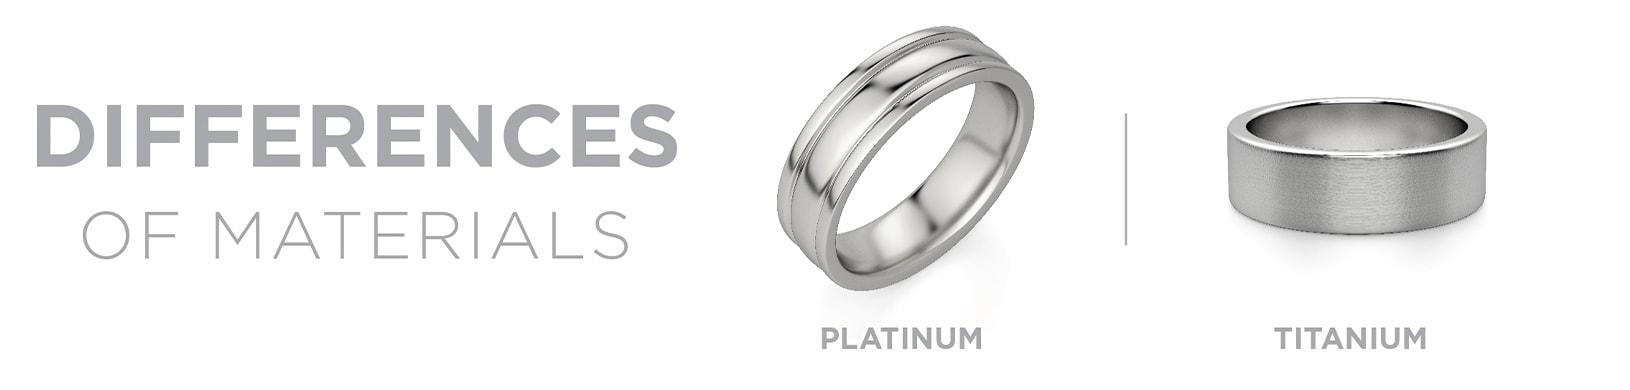 Platinum vs titanium materials